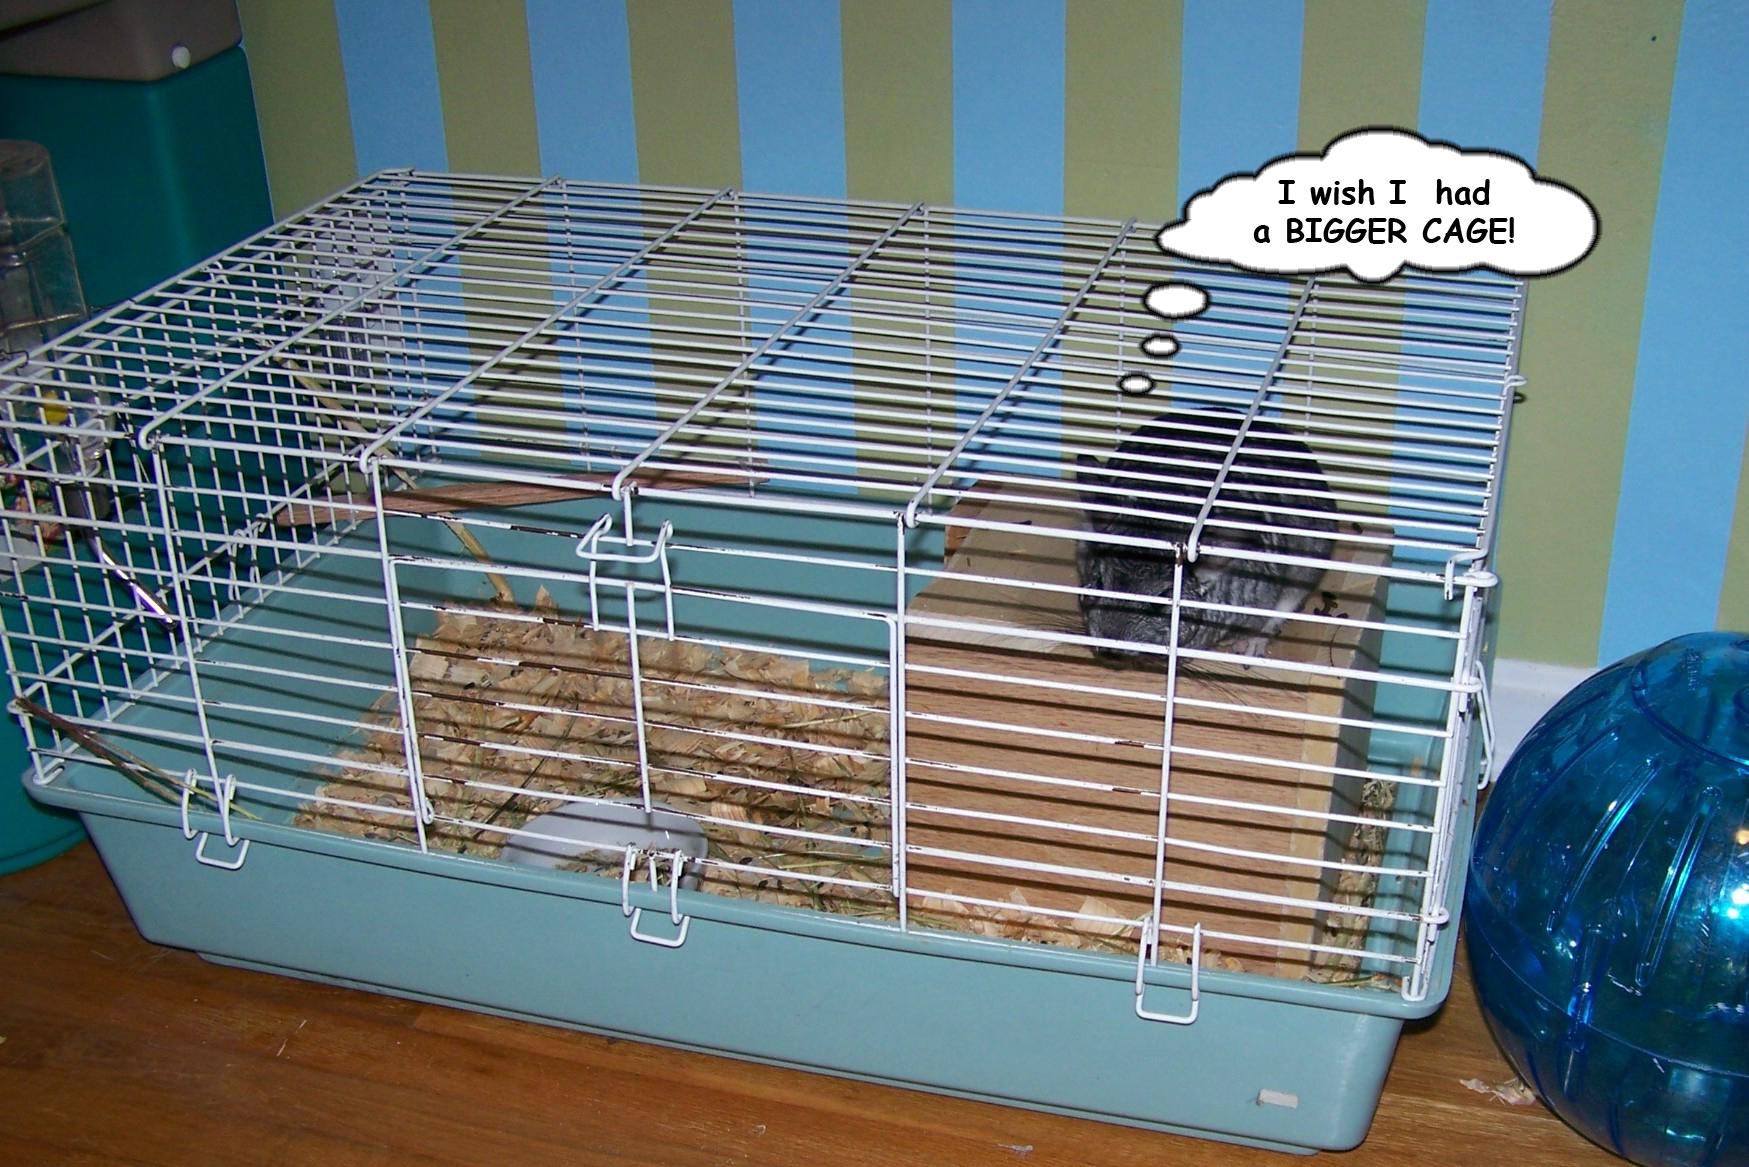 Make your chinchilla's cage bigger.